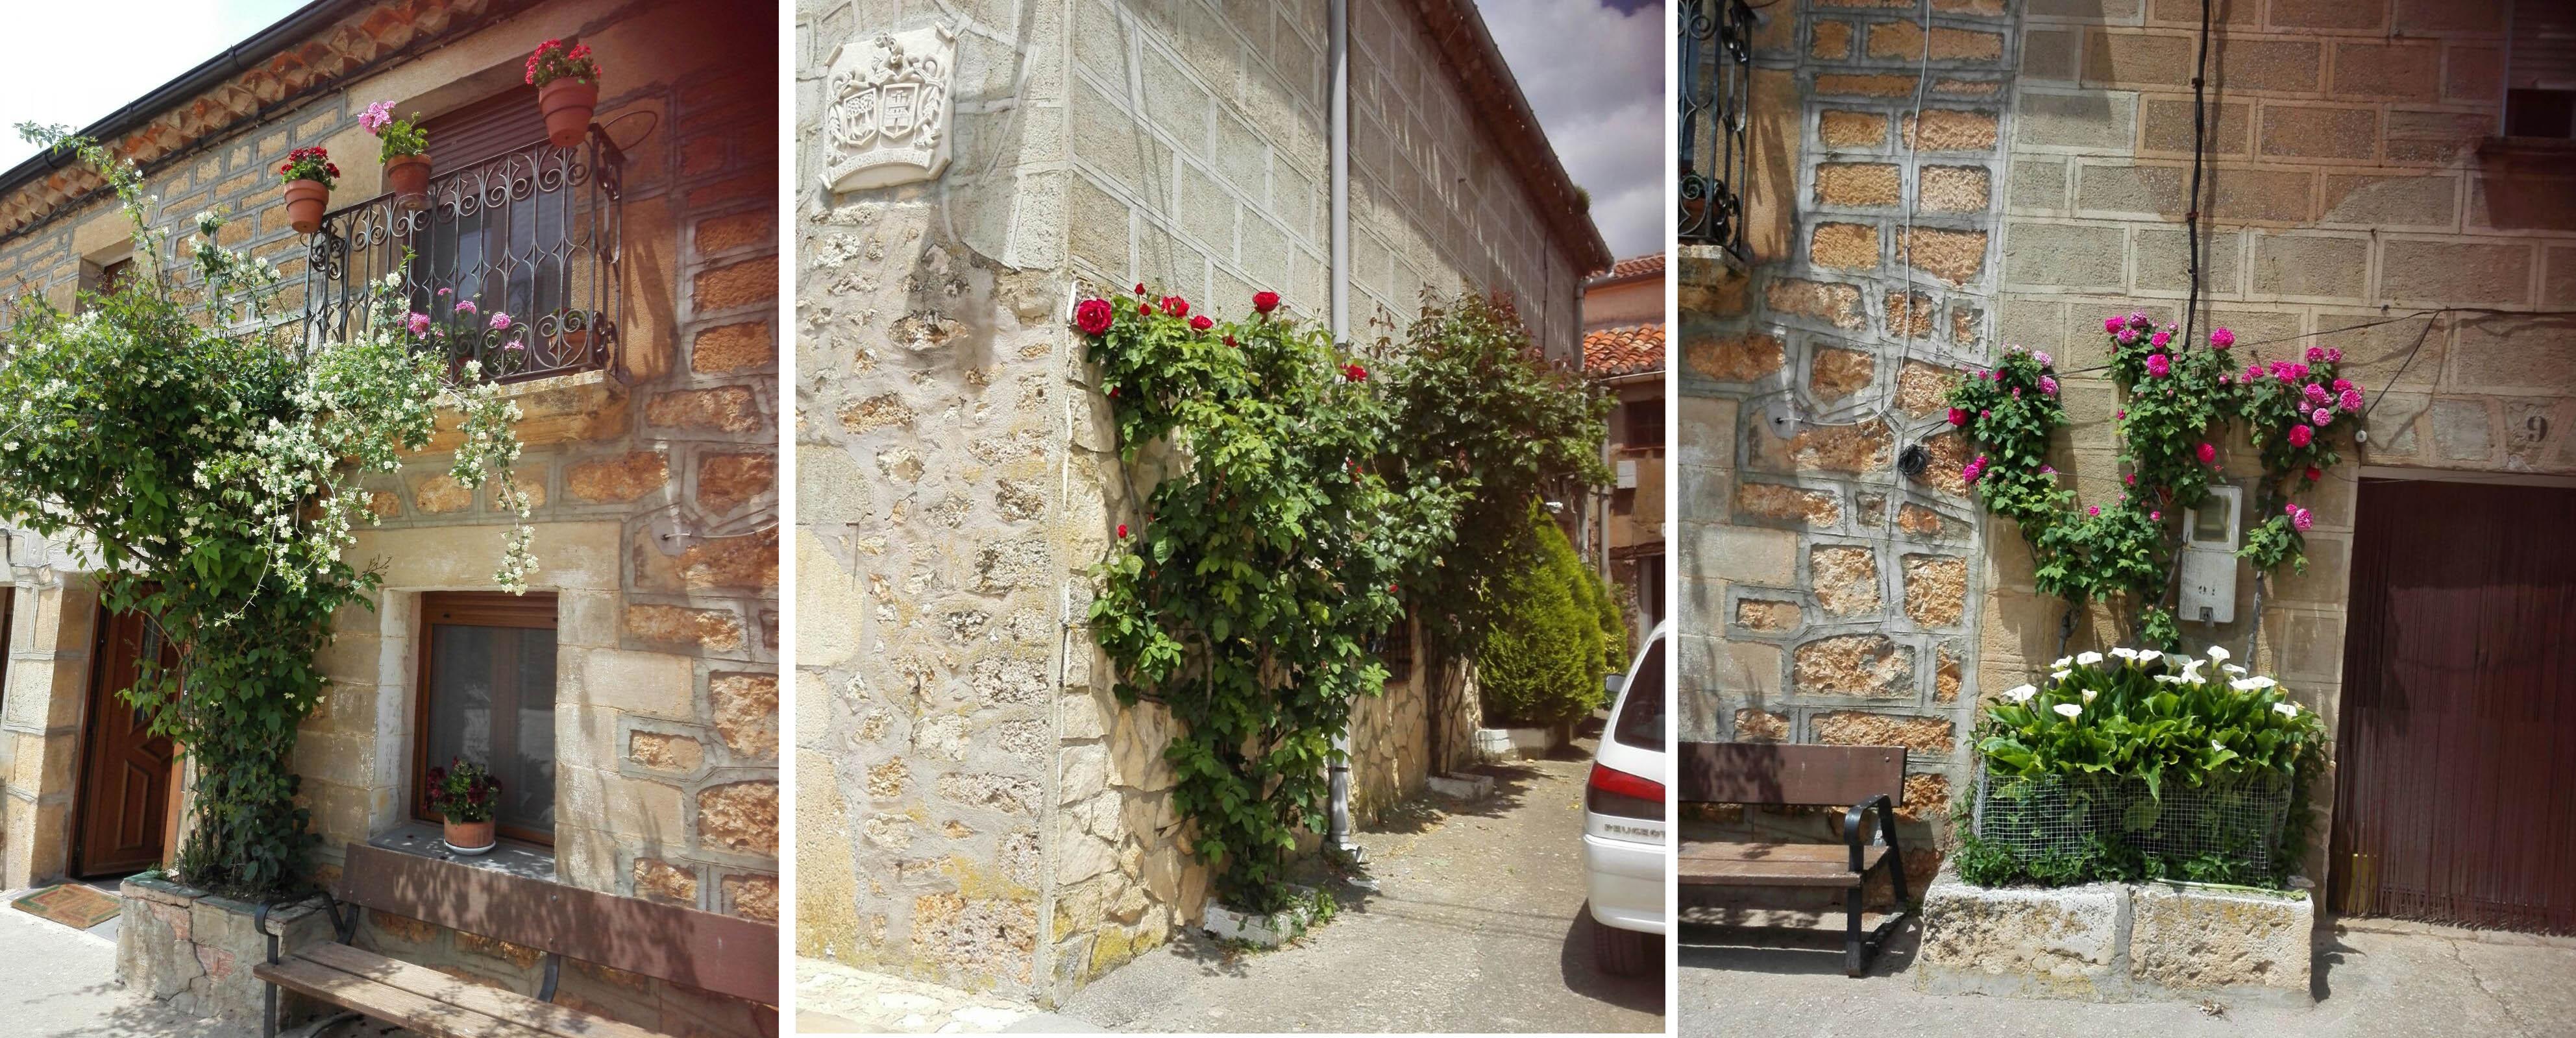 Fachadas floreadas, Mecerreyes mayo 2016